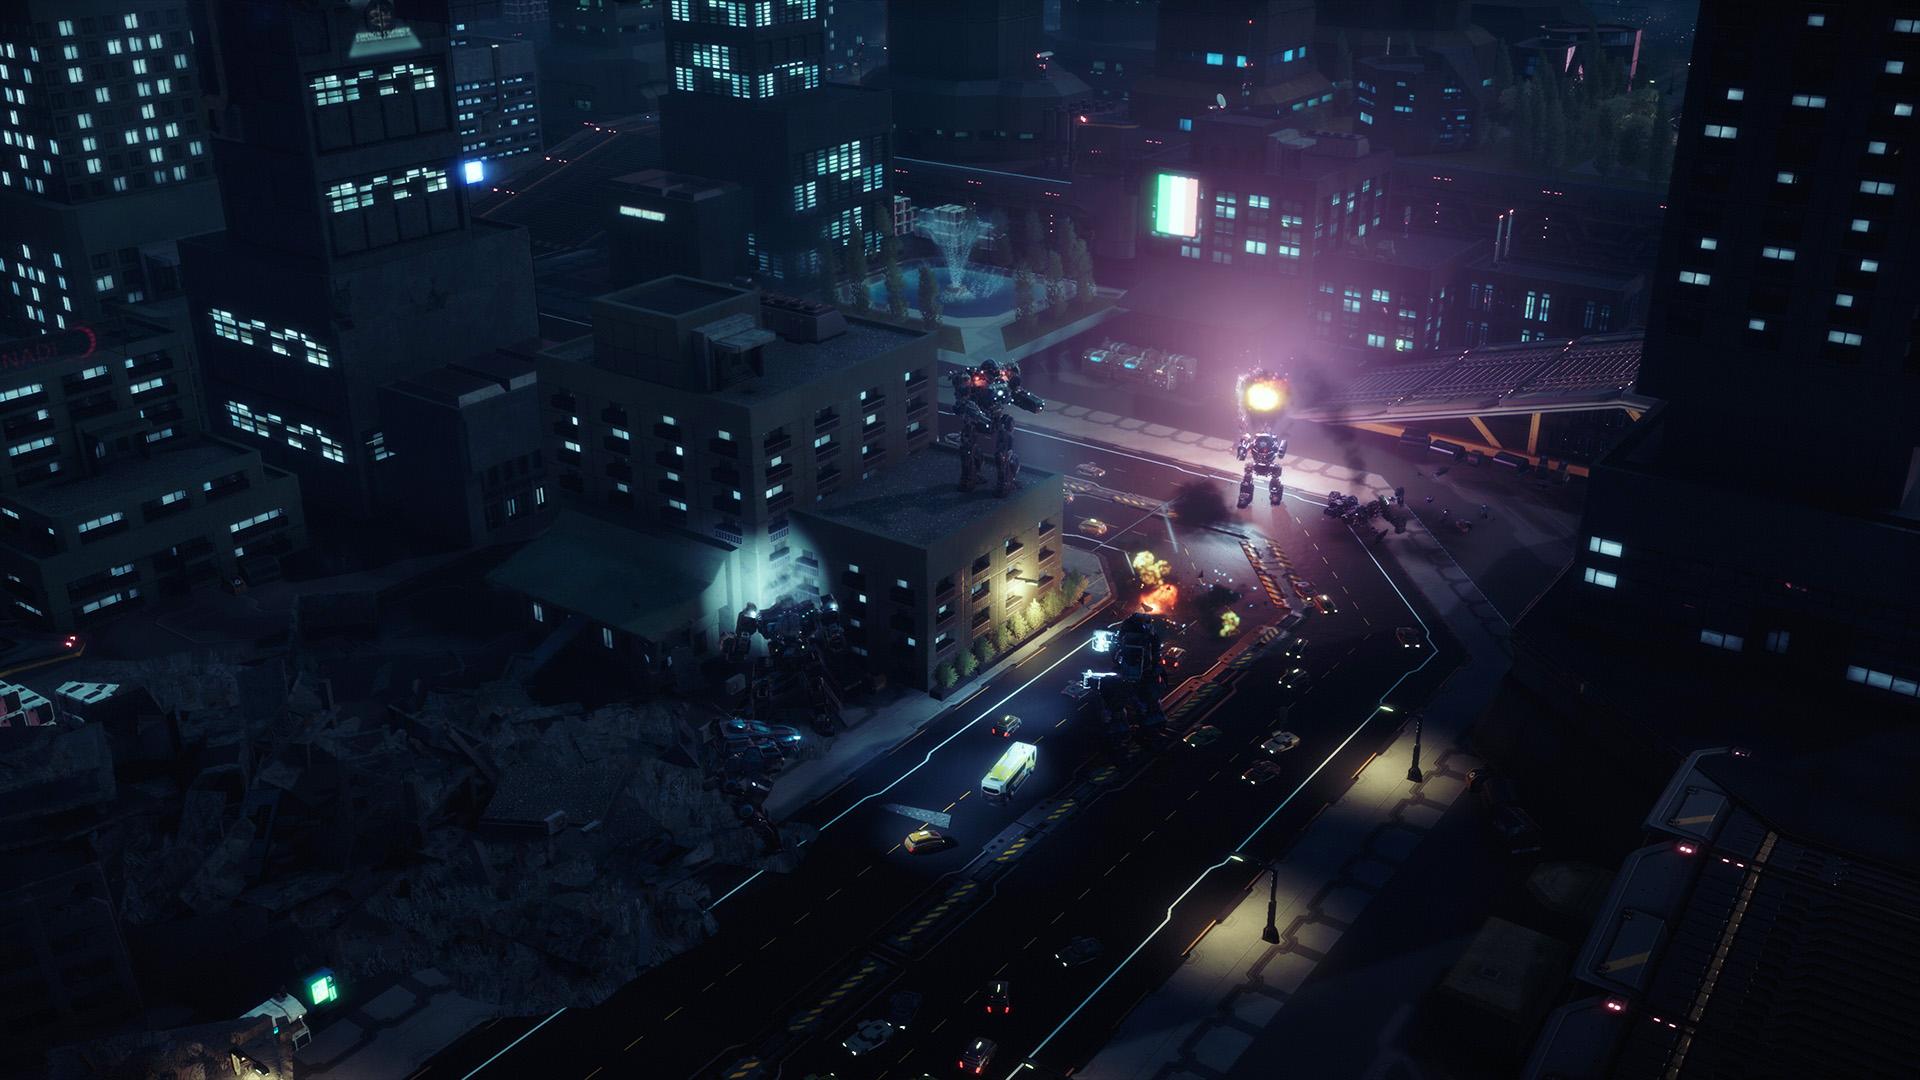 battletech-mercenary-collection-pc-screenshot-03